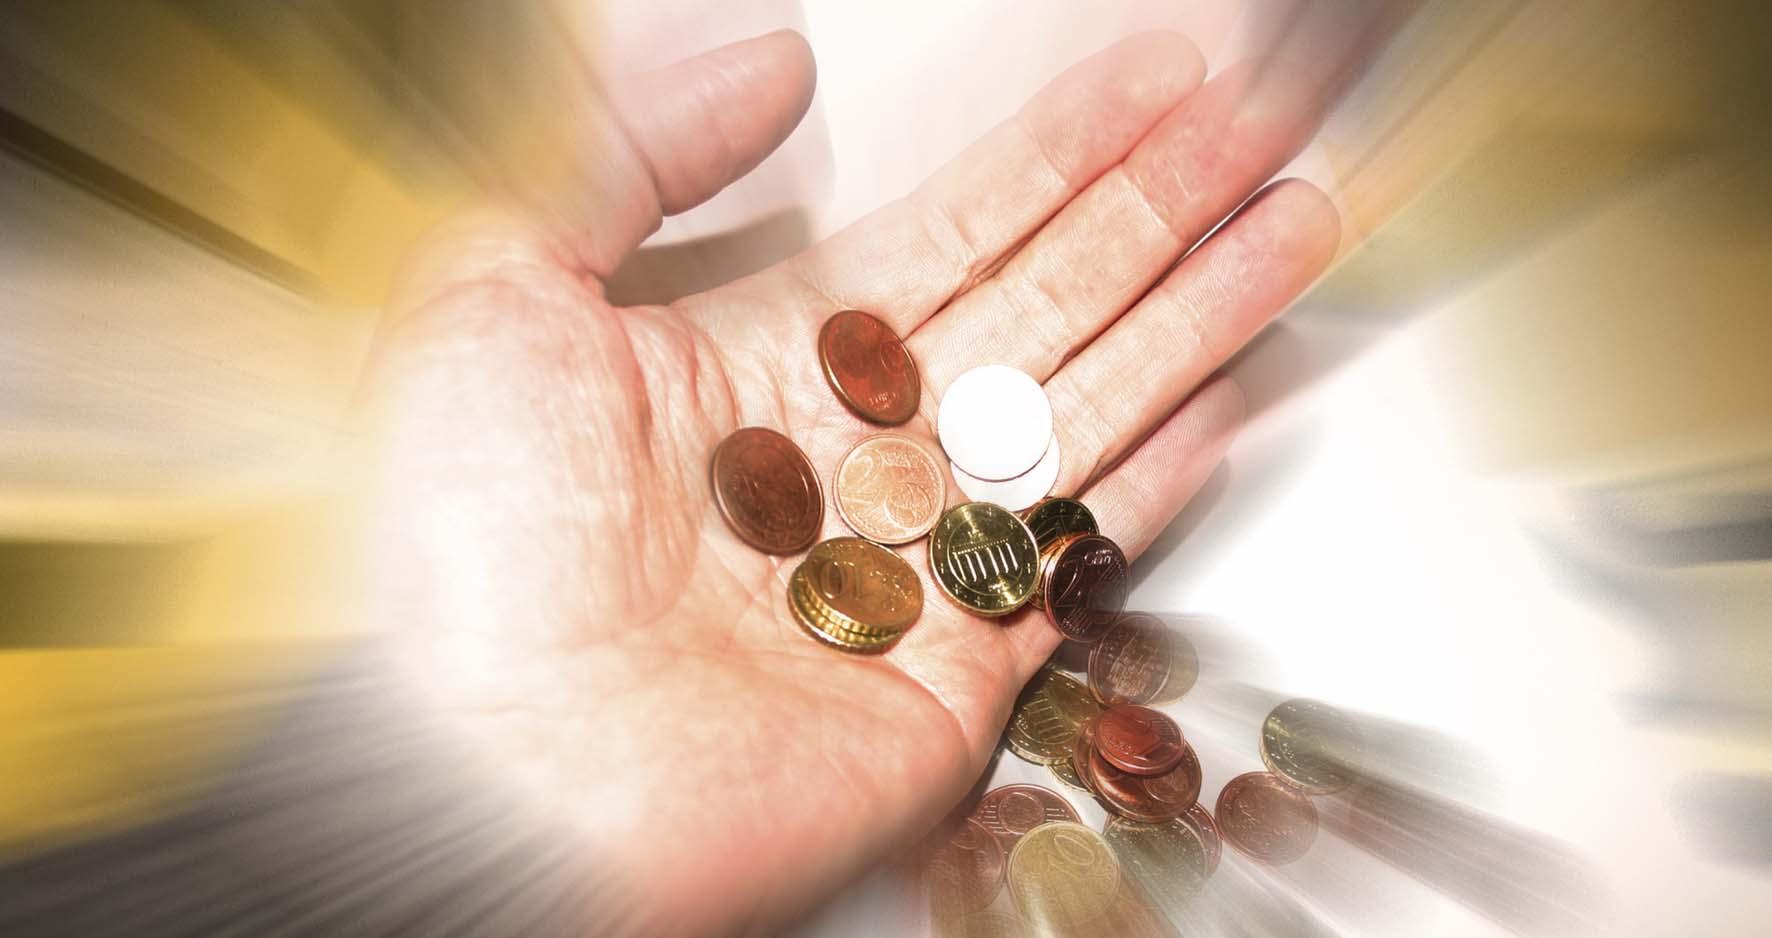 indennizzi regionali mano soldi denaro euro